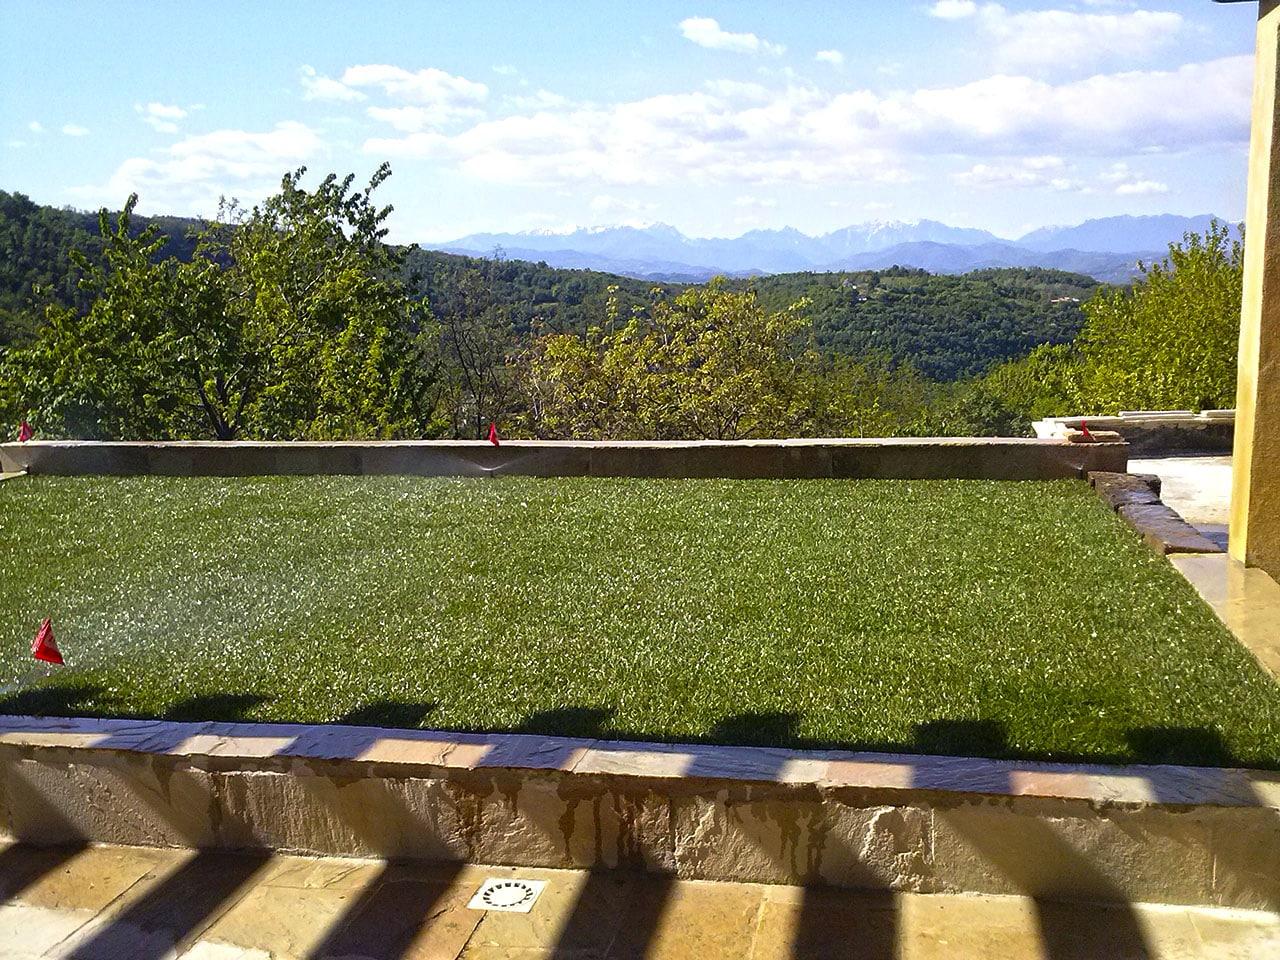 Realizzazione giardini pensili trifolium giardini vicenza for Giardini sui terrazzi